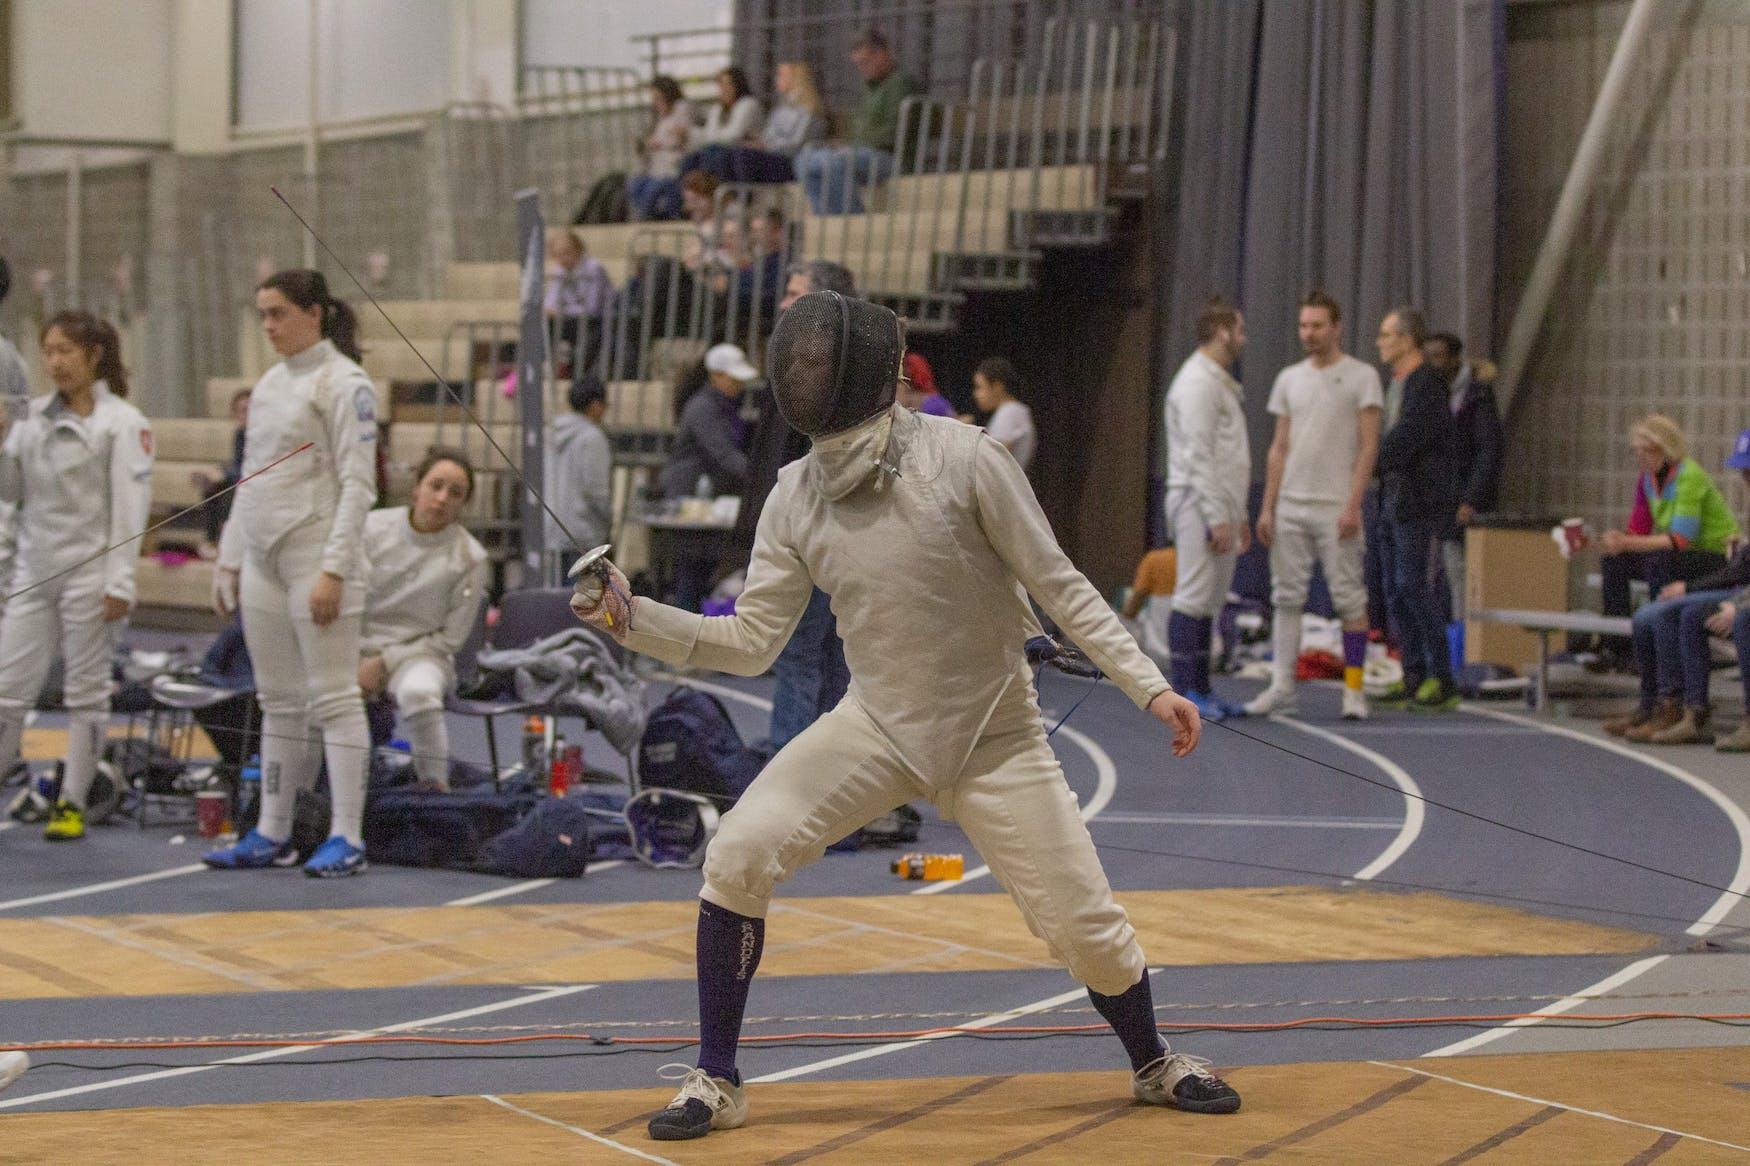 fencing-2-1-20-jg-0008